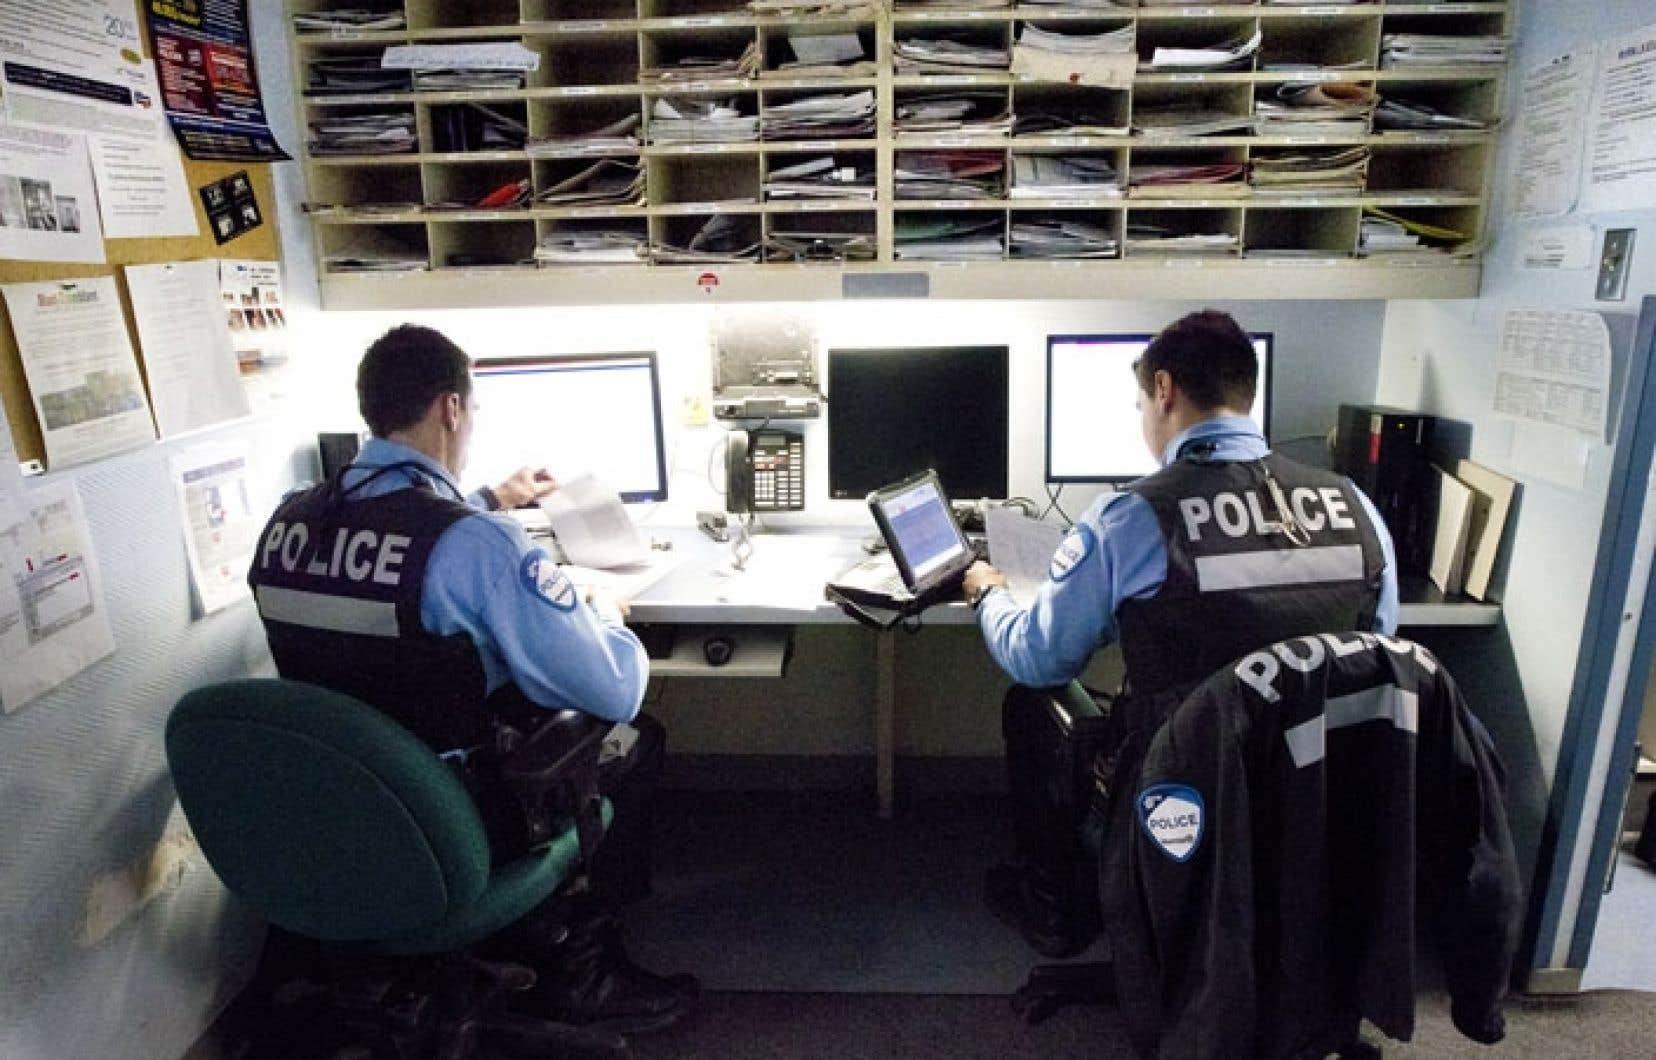 Deux policiers du poste de quartier 12 du SPVM, à Westmount.C'est la deuxième fois en deux jours qu'il est question des pressions de la Ville sur la direction du SPVM.